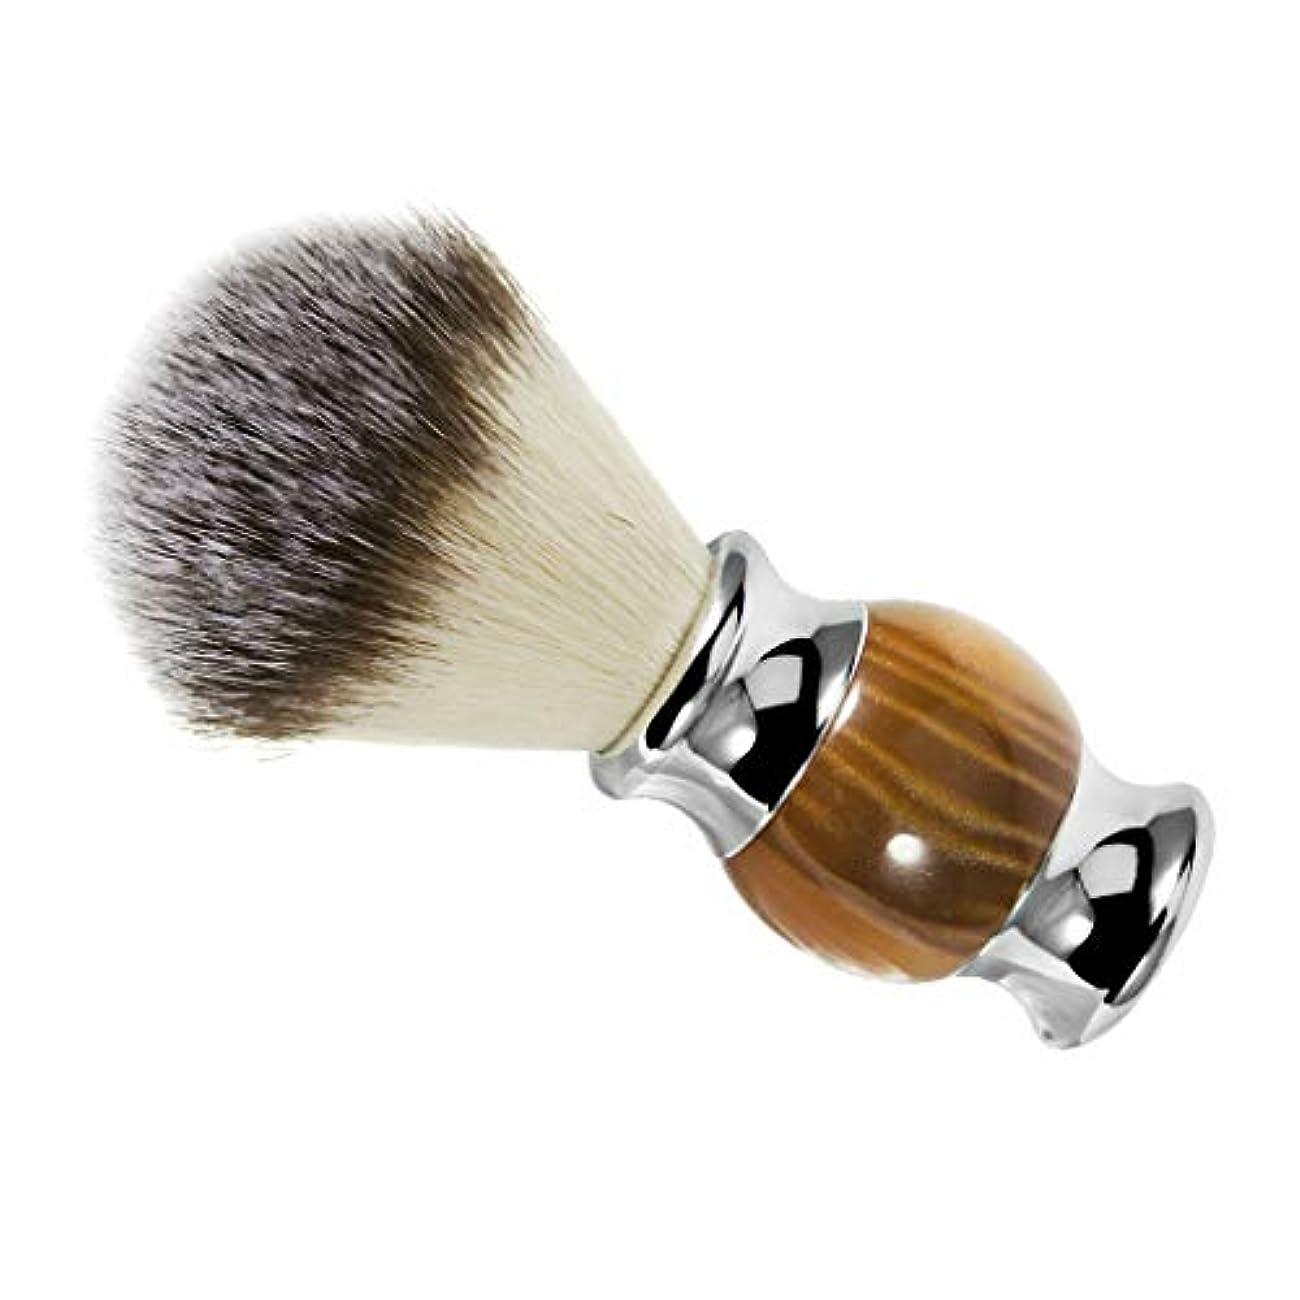 検出器確認してください逃すシェービングブラシ ひげ剃りブラシ 口ひげブラシ 理髪サロン 髭剃り ひげ剃り 泡立ち